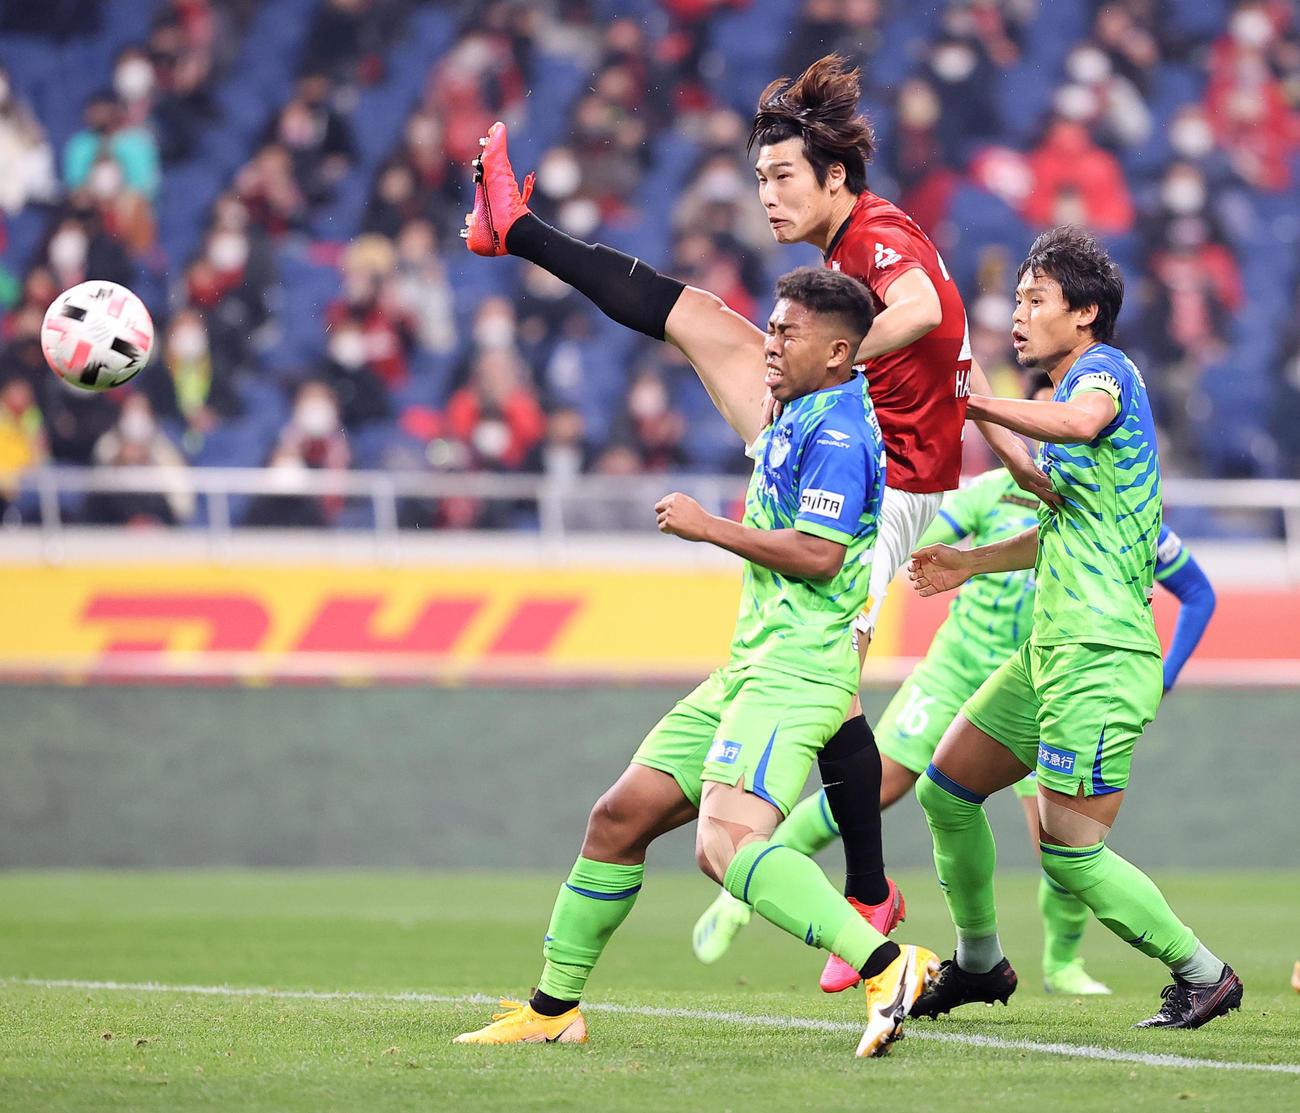 浦和対湘南 後半、ゴール前のボールに飛び込んだ浦和DF橋岡(右から2人目)だがシュートならず(撮影・浅見桂子)